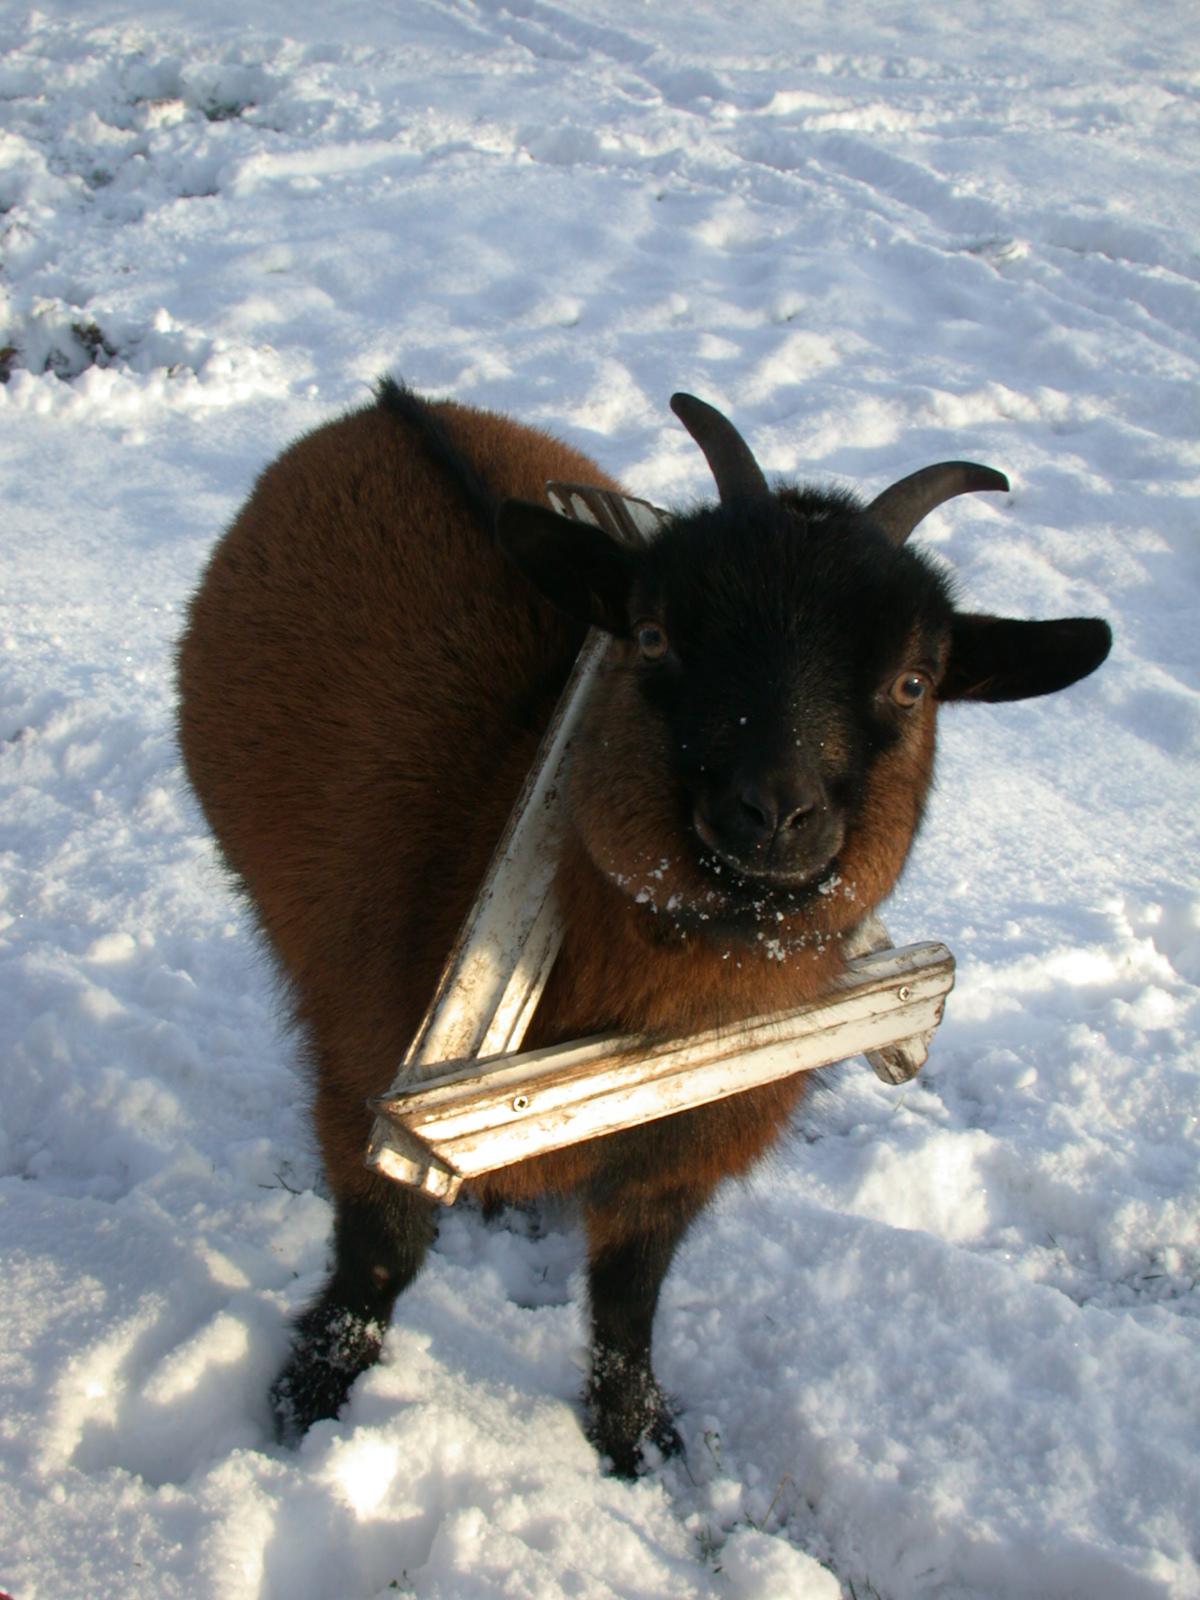 goat little baby snow winter cute sweet horns